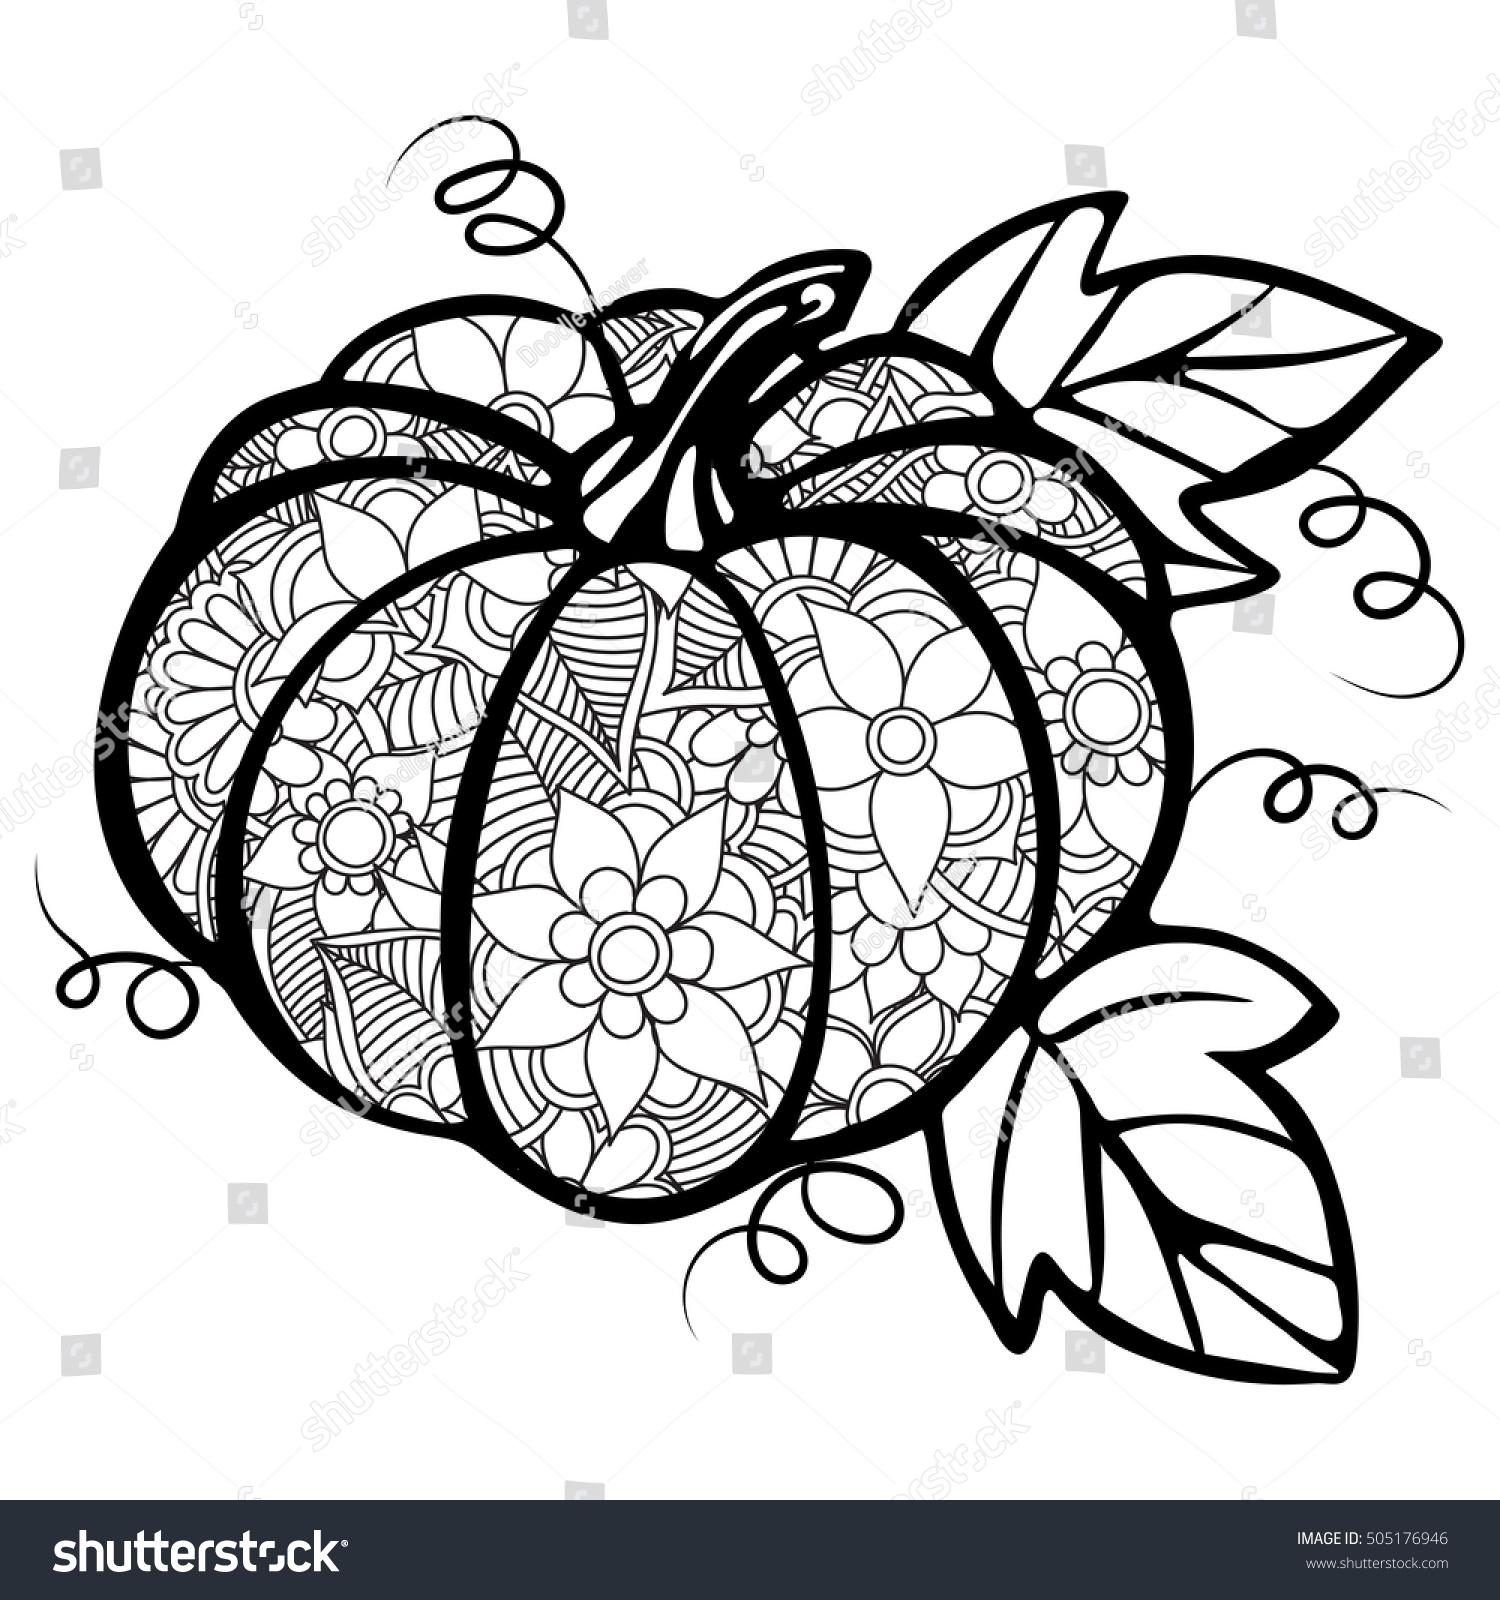 Zentangle Abstract Pumpkin Zentangle Flowers Zentangle Stock Vector ...